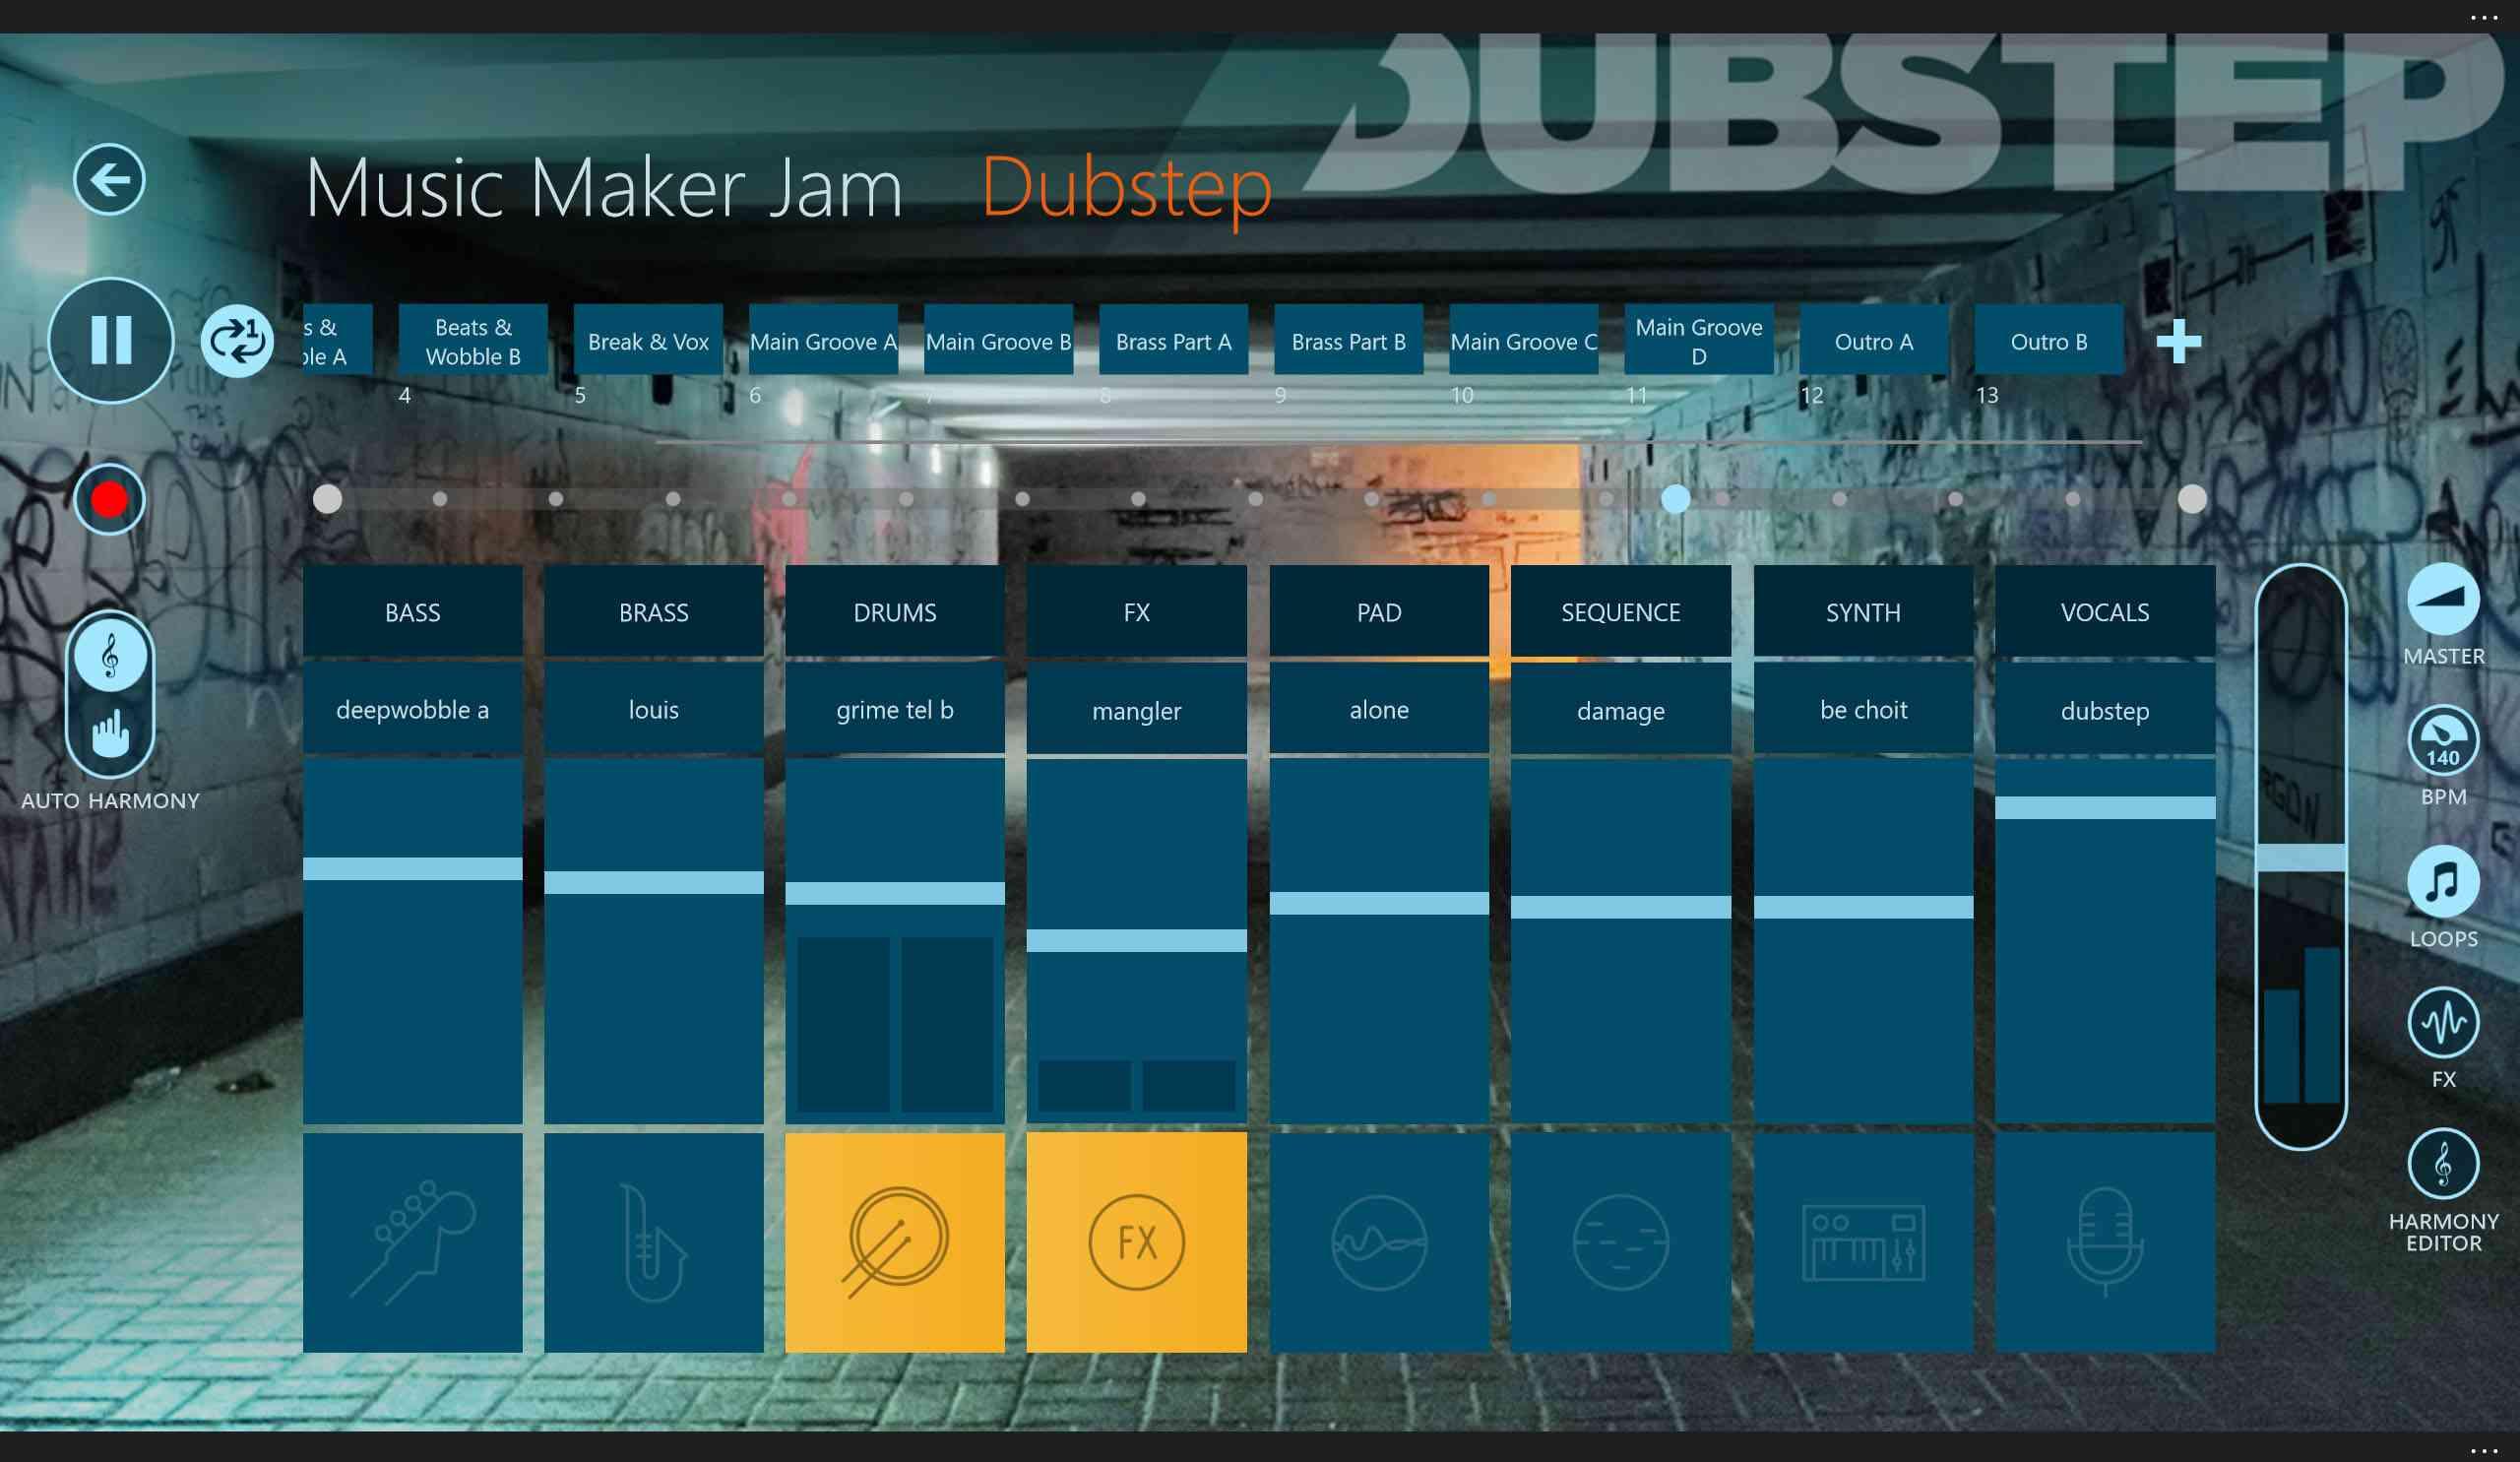 Music Maker Jam music app